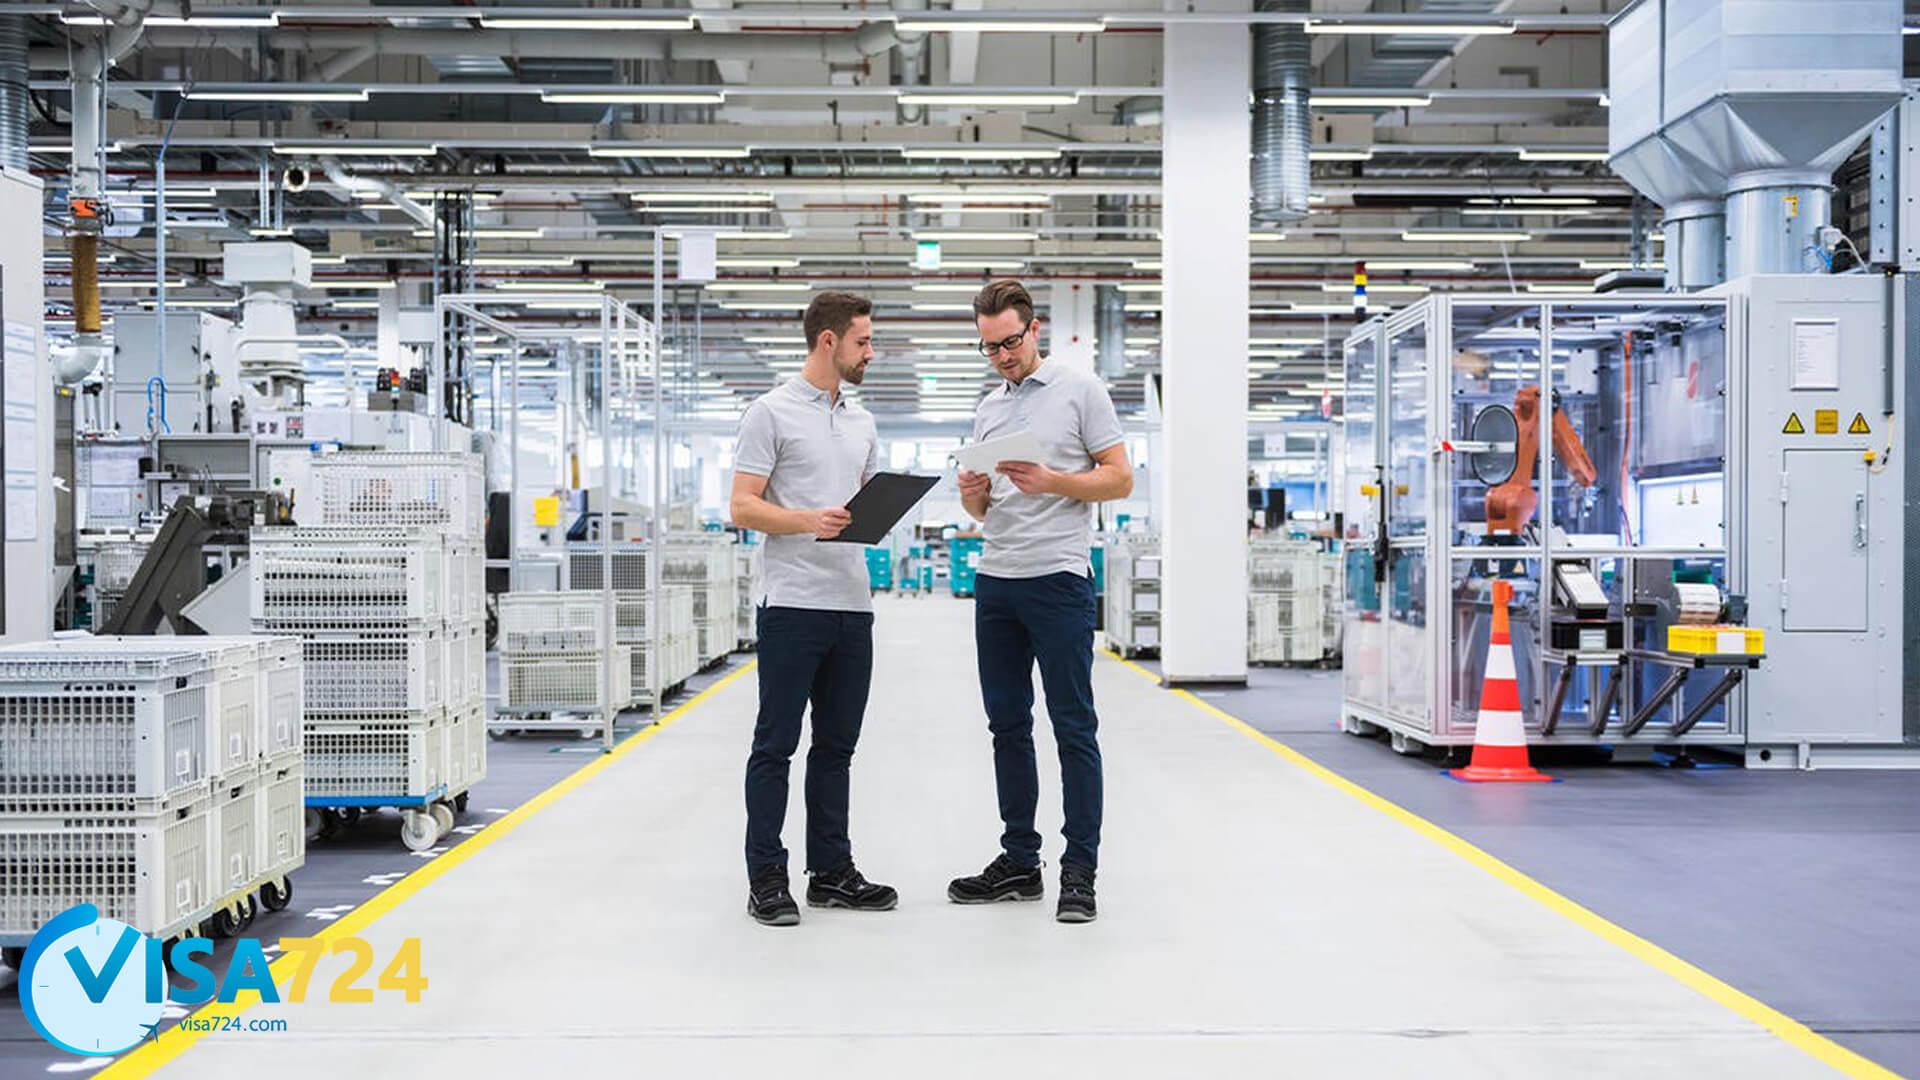 راهاندازی کارگاه تولیدی در کانادا